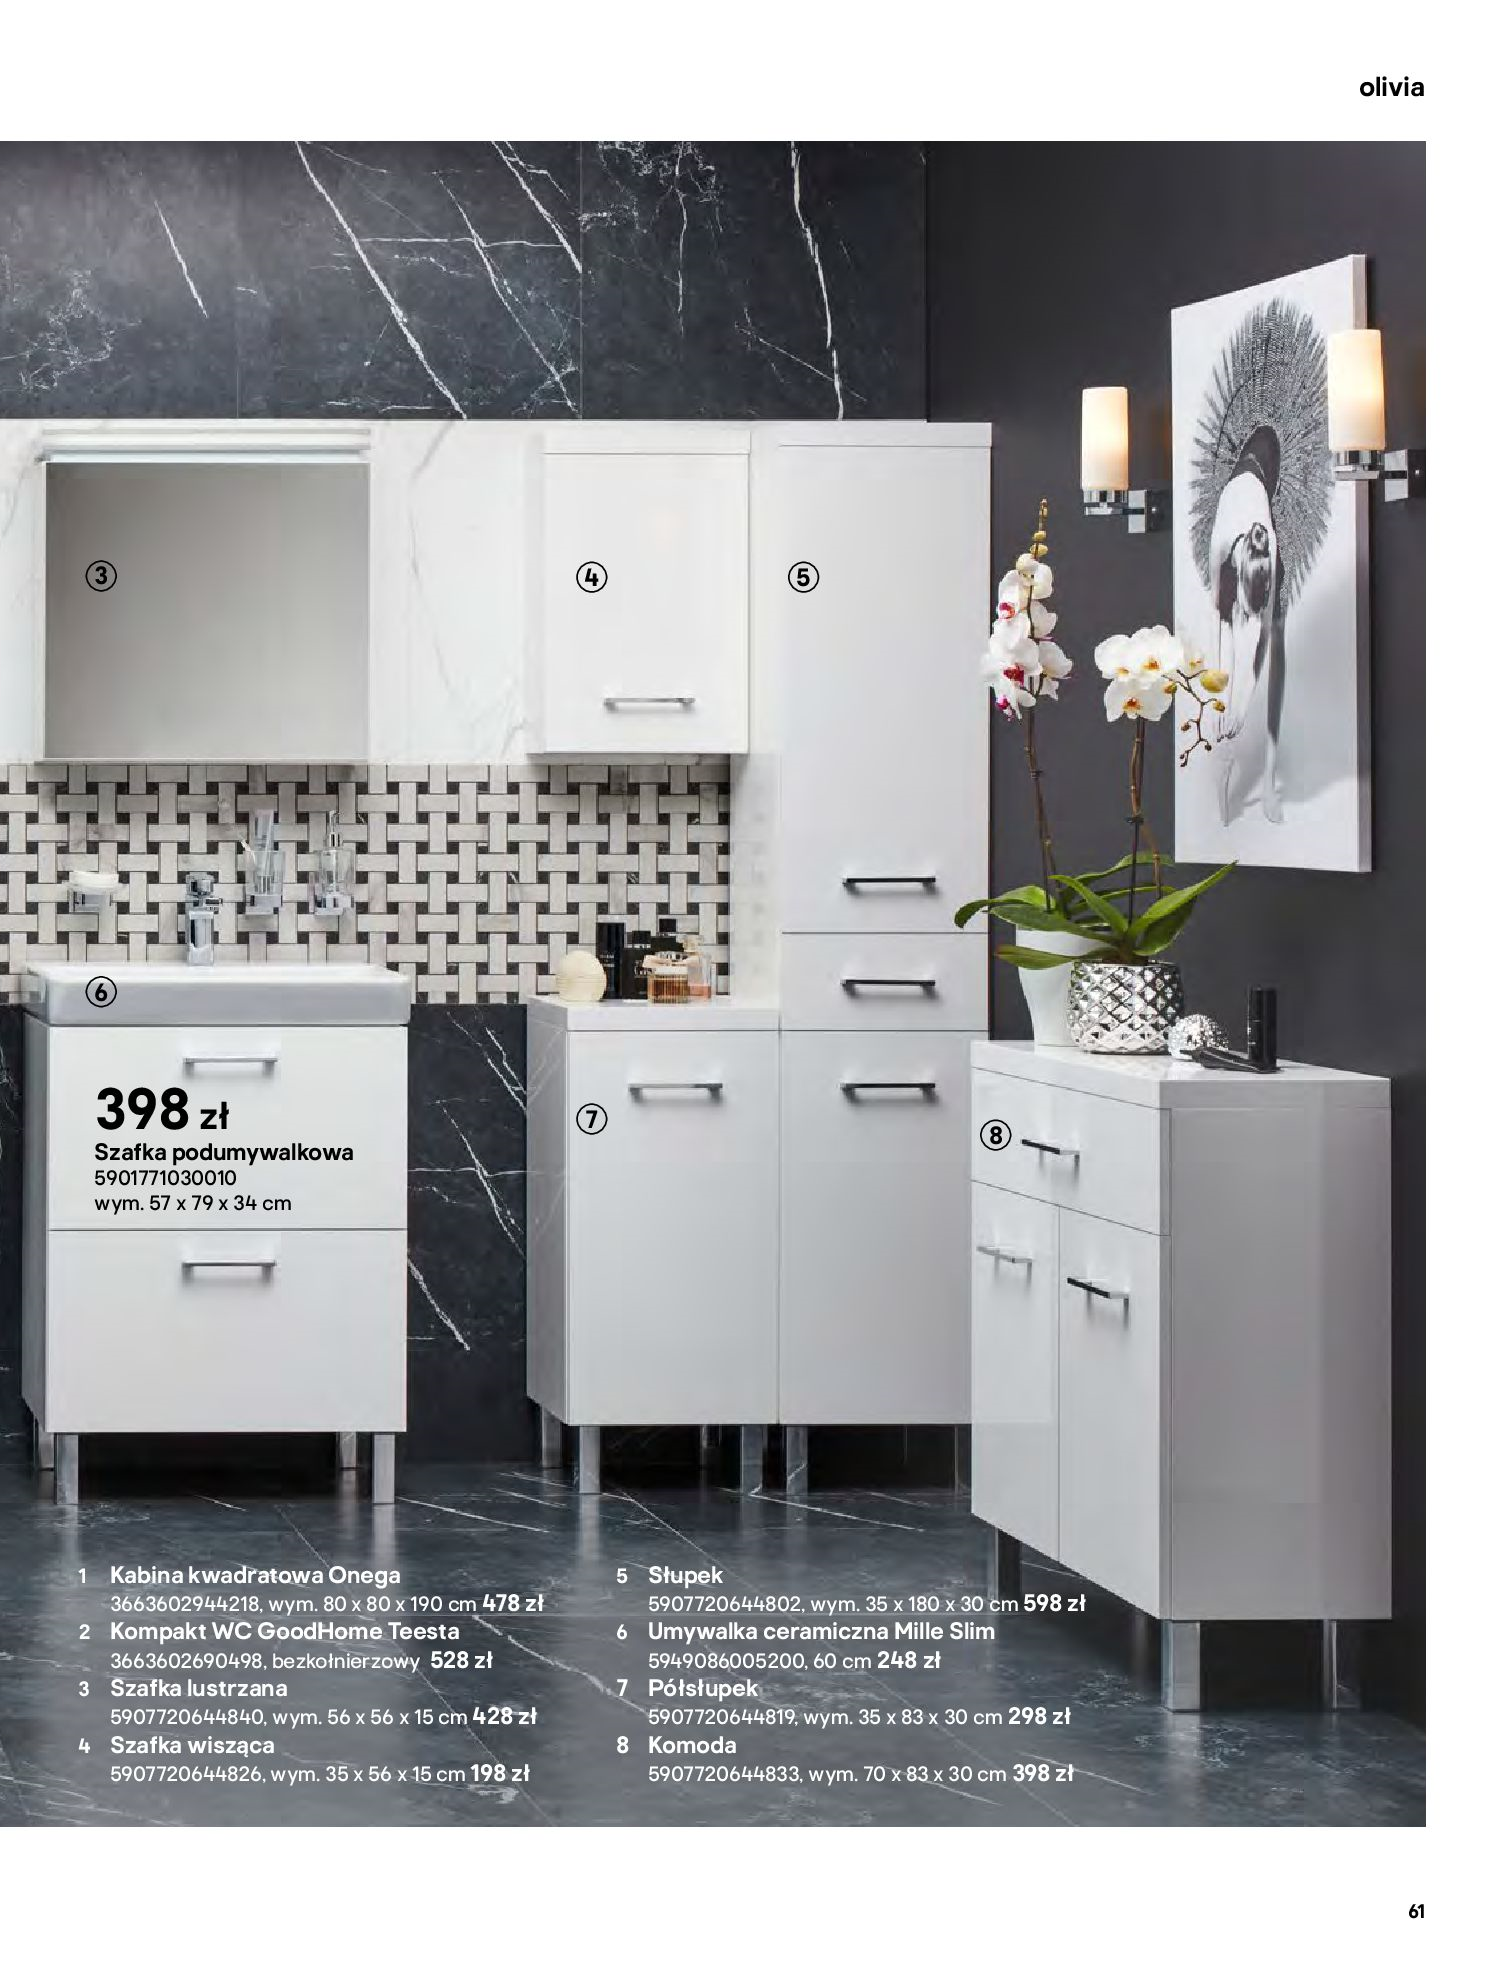 Gazetka Castorama: Gazetka Castorama - katalog łazienki 2021 2021-06-16 page-61